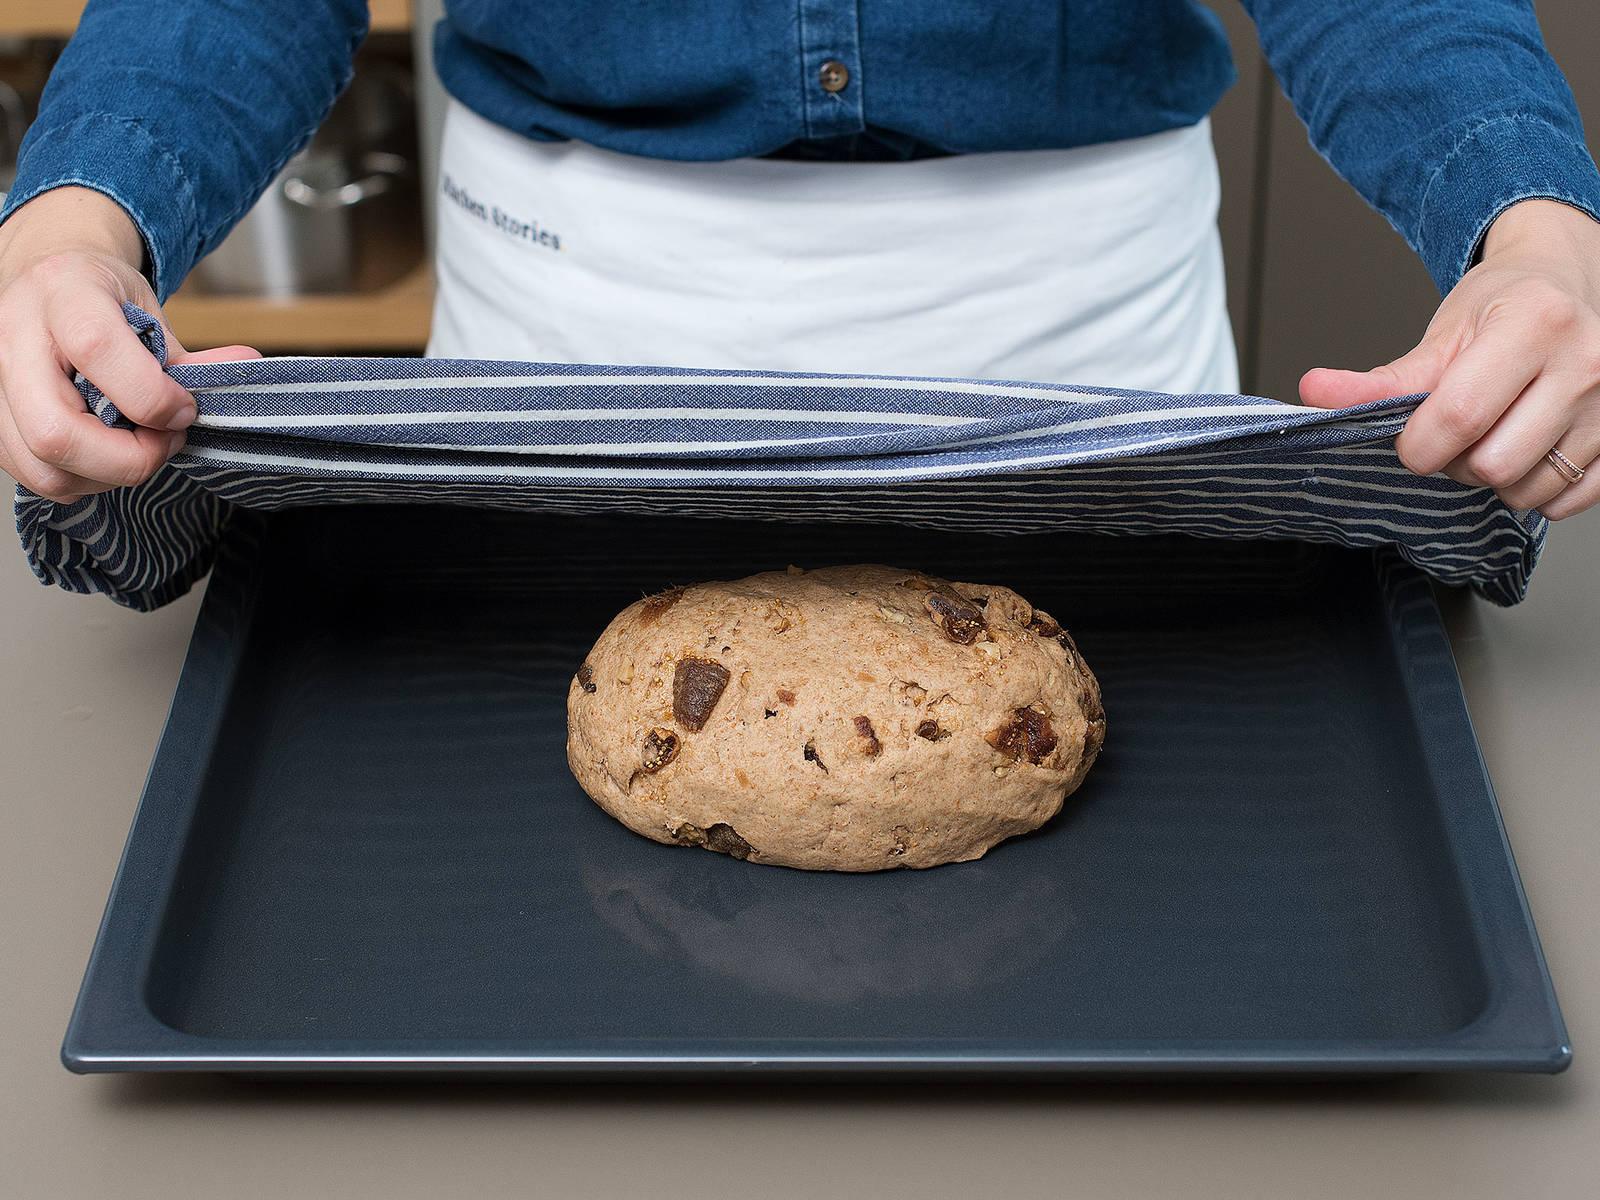 如有需要,在烤盘中铺好烘焙纸。将面团放到撒好面粉的工作台上,轻压,以释放空气。将剩余的无花果和核桃放到面团上,揉至充分混合。将面团揉成球状,放到烤盘中,盖上湿厨房纸,静置发酵1小时。